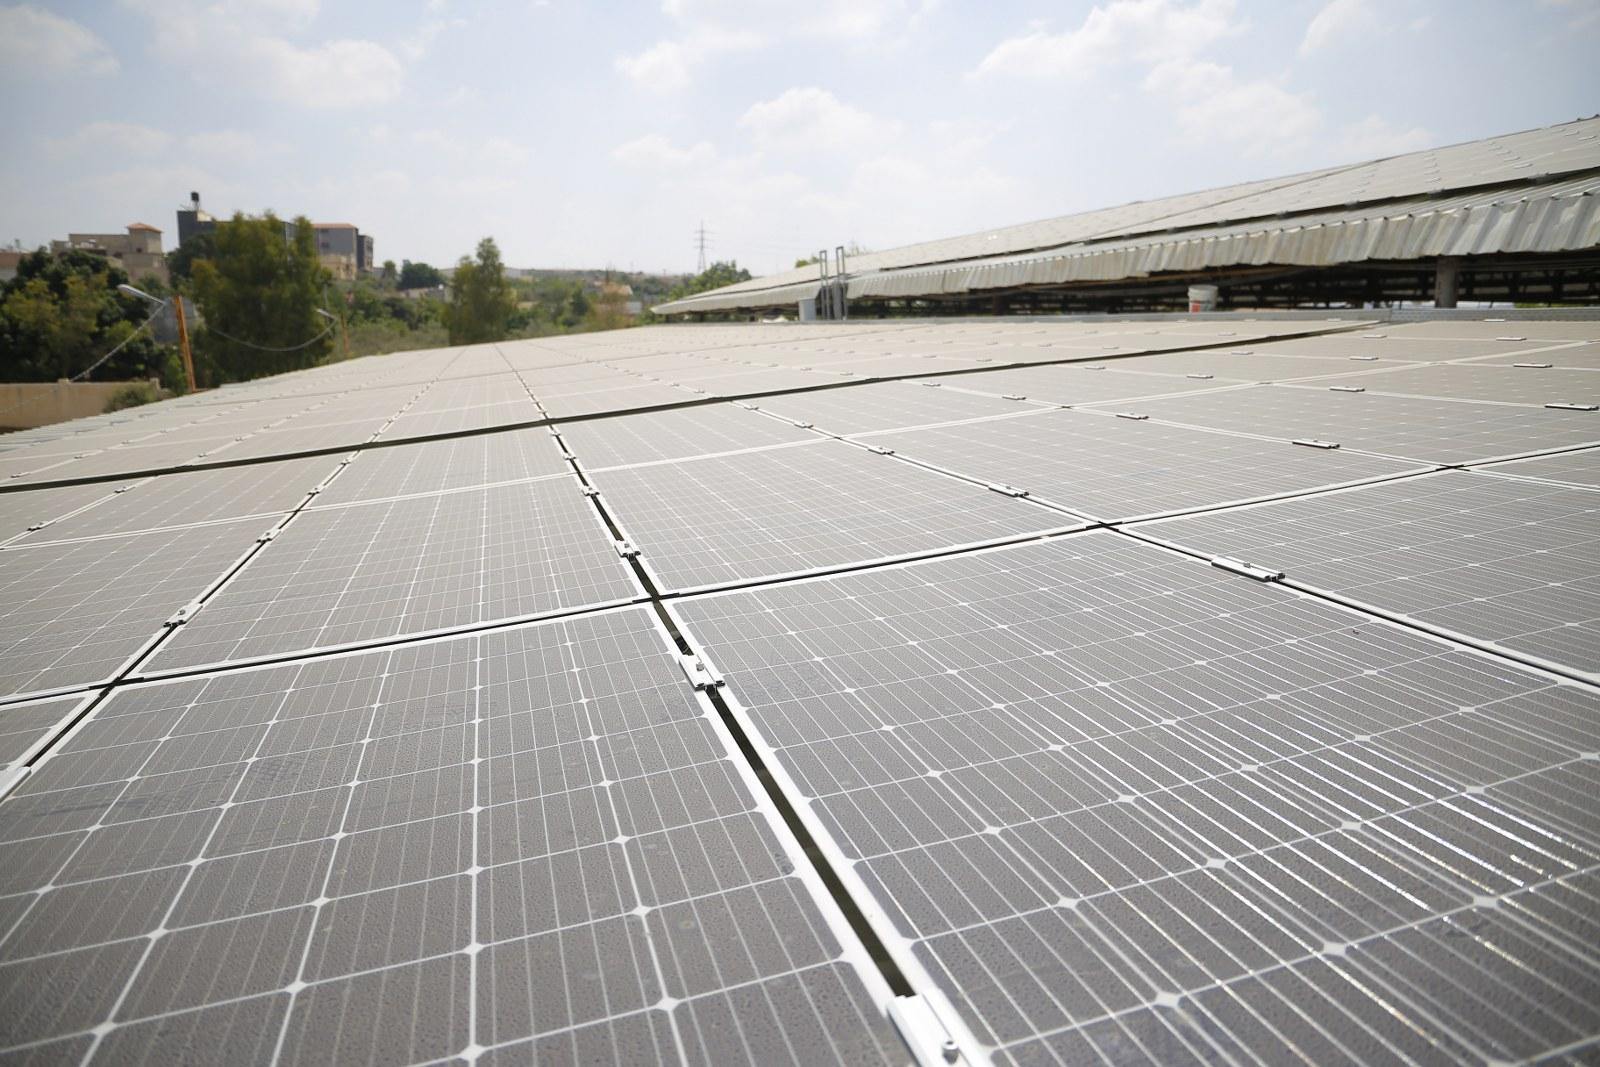 استمرار اعمال مشروع تركيب الخلايا الشمسية بقدرة 1 ميجا واط